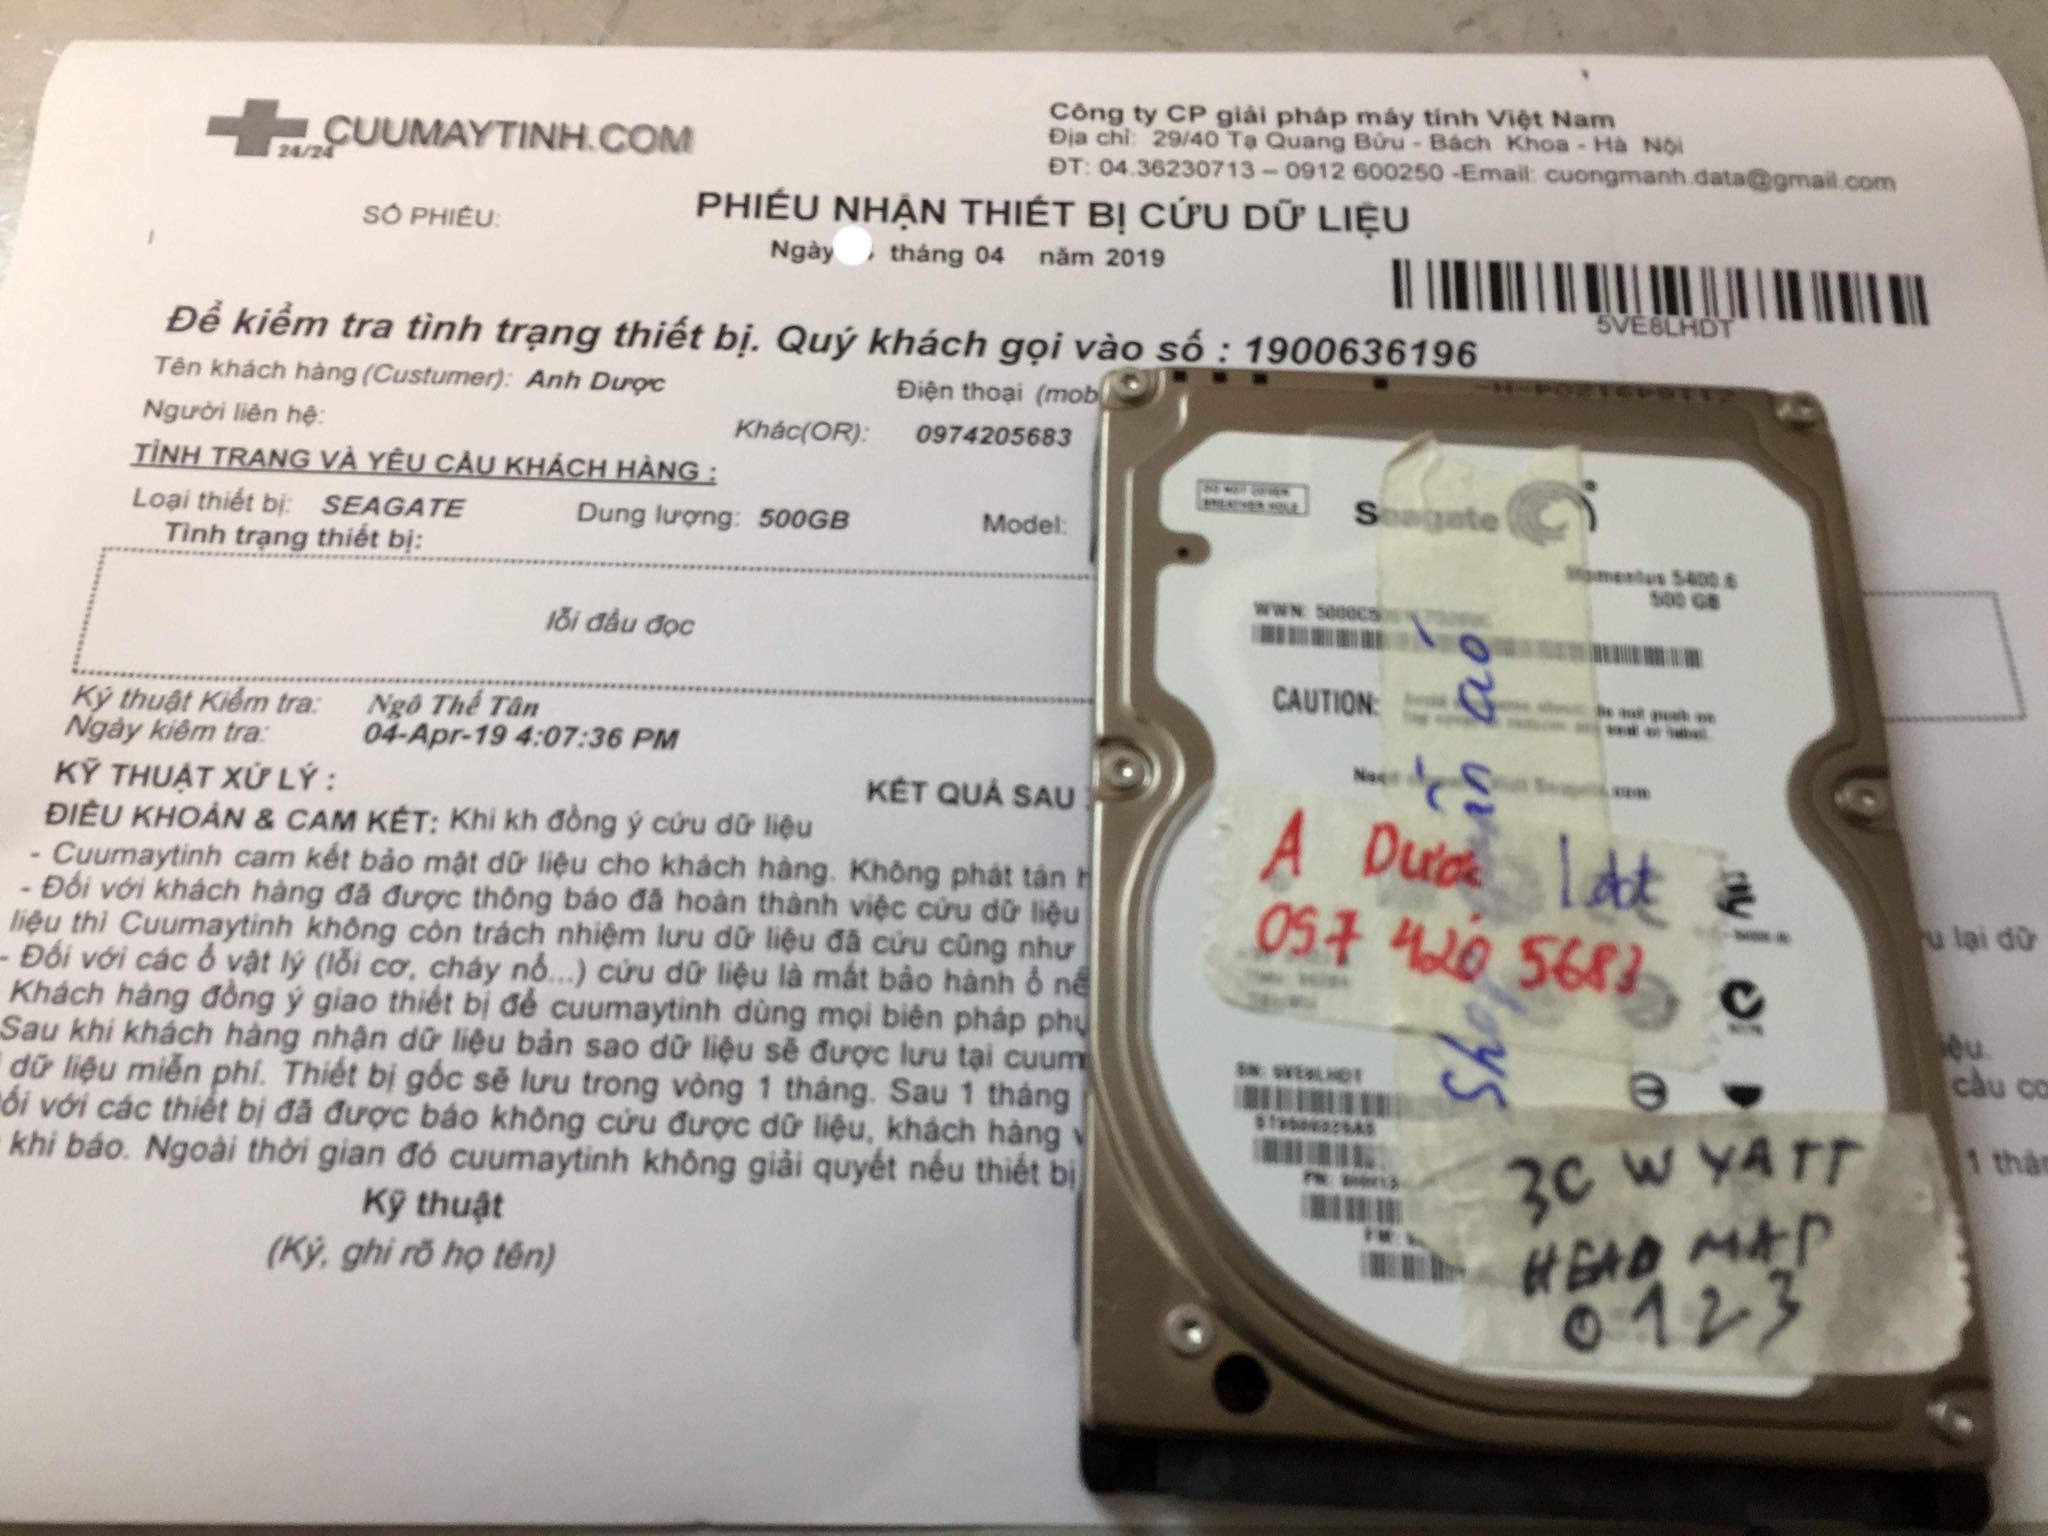 Lấy dữ liệu ổ cứng Seagate 500GB lỗi đầu đọc 09/04/2019 - cuumaytinh